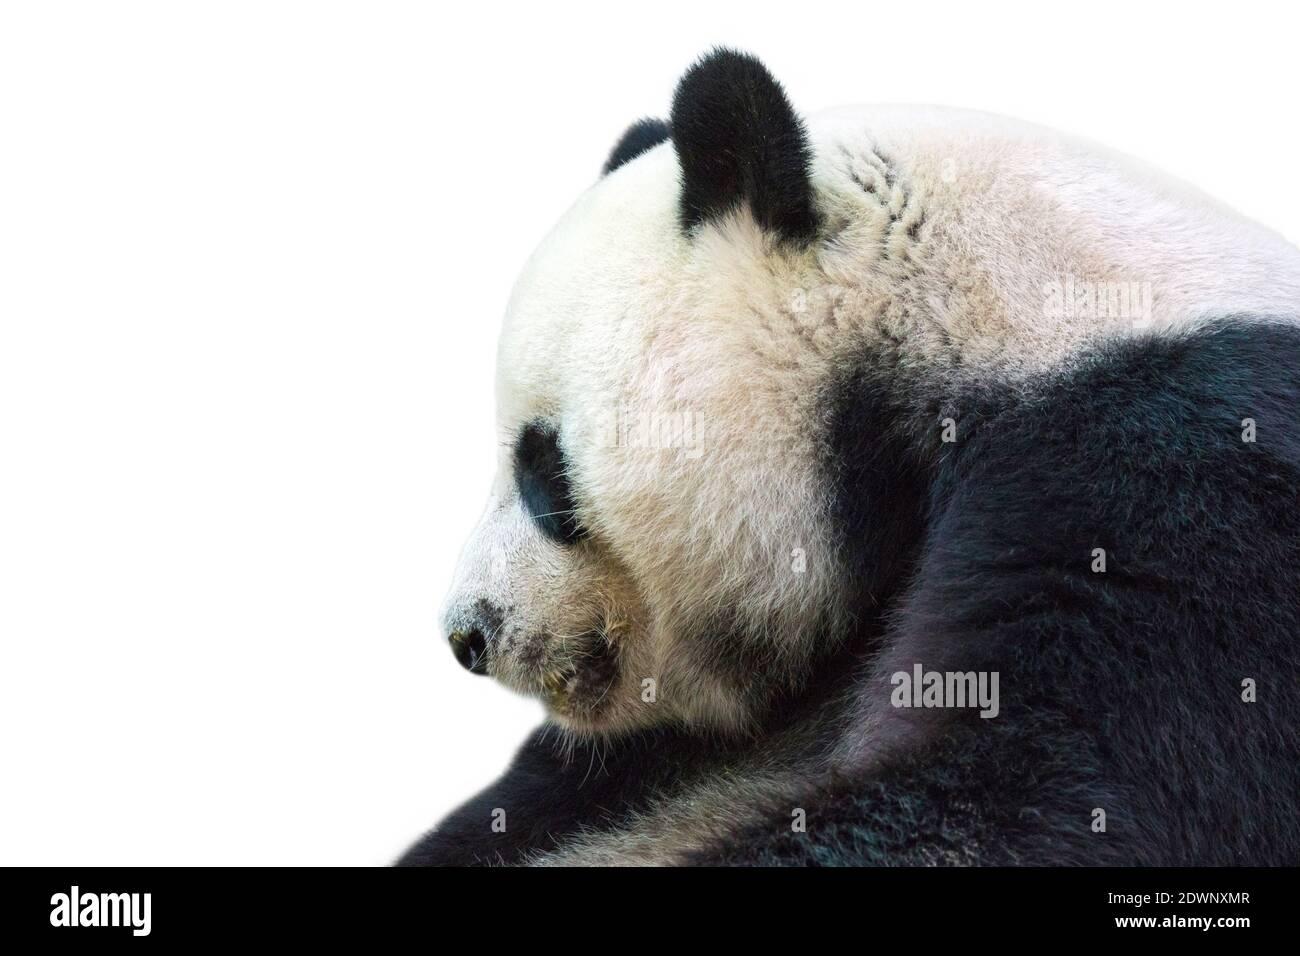 Immagine di panda isolato su sfondo bianco. Animam selvaggio. Foto Stock